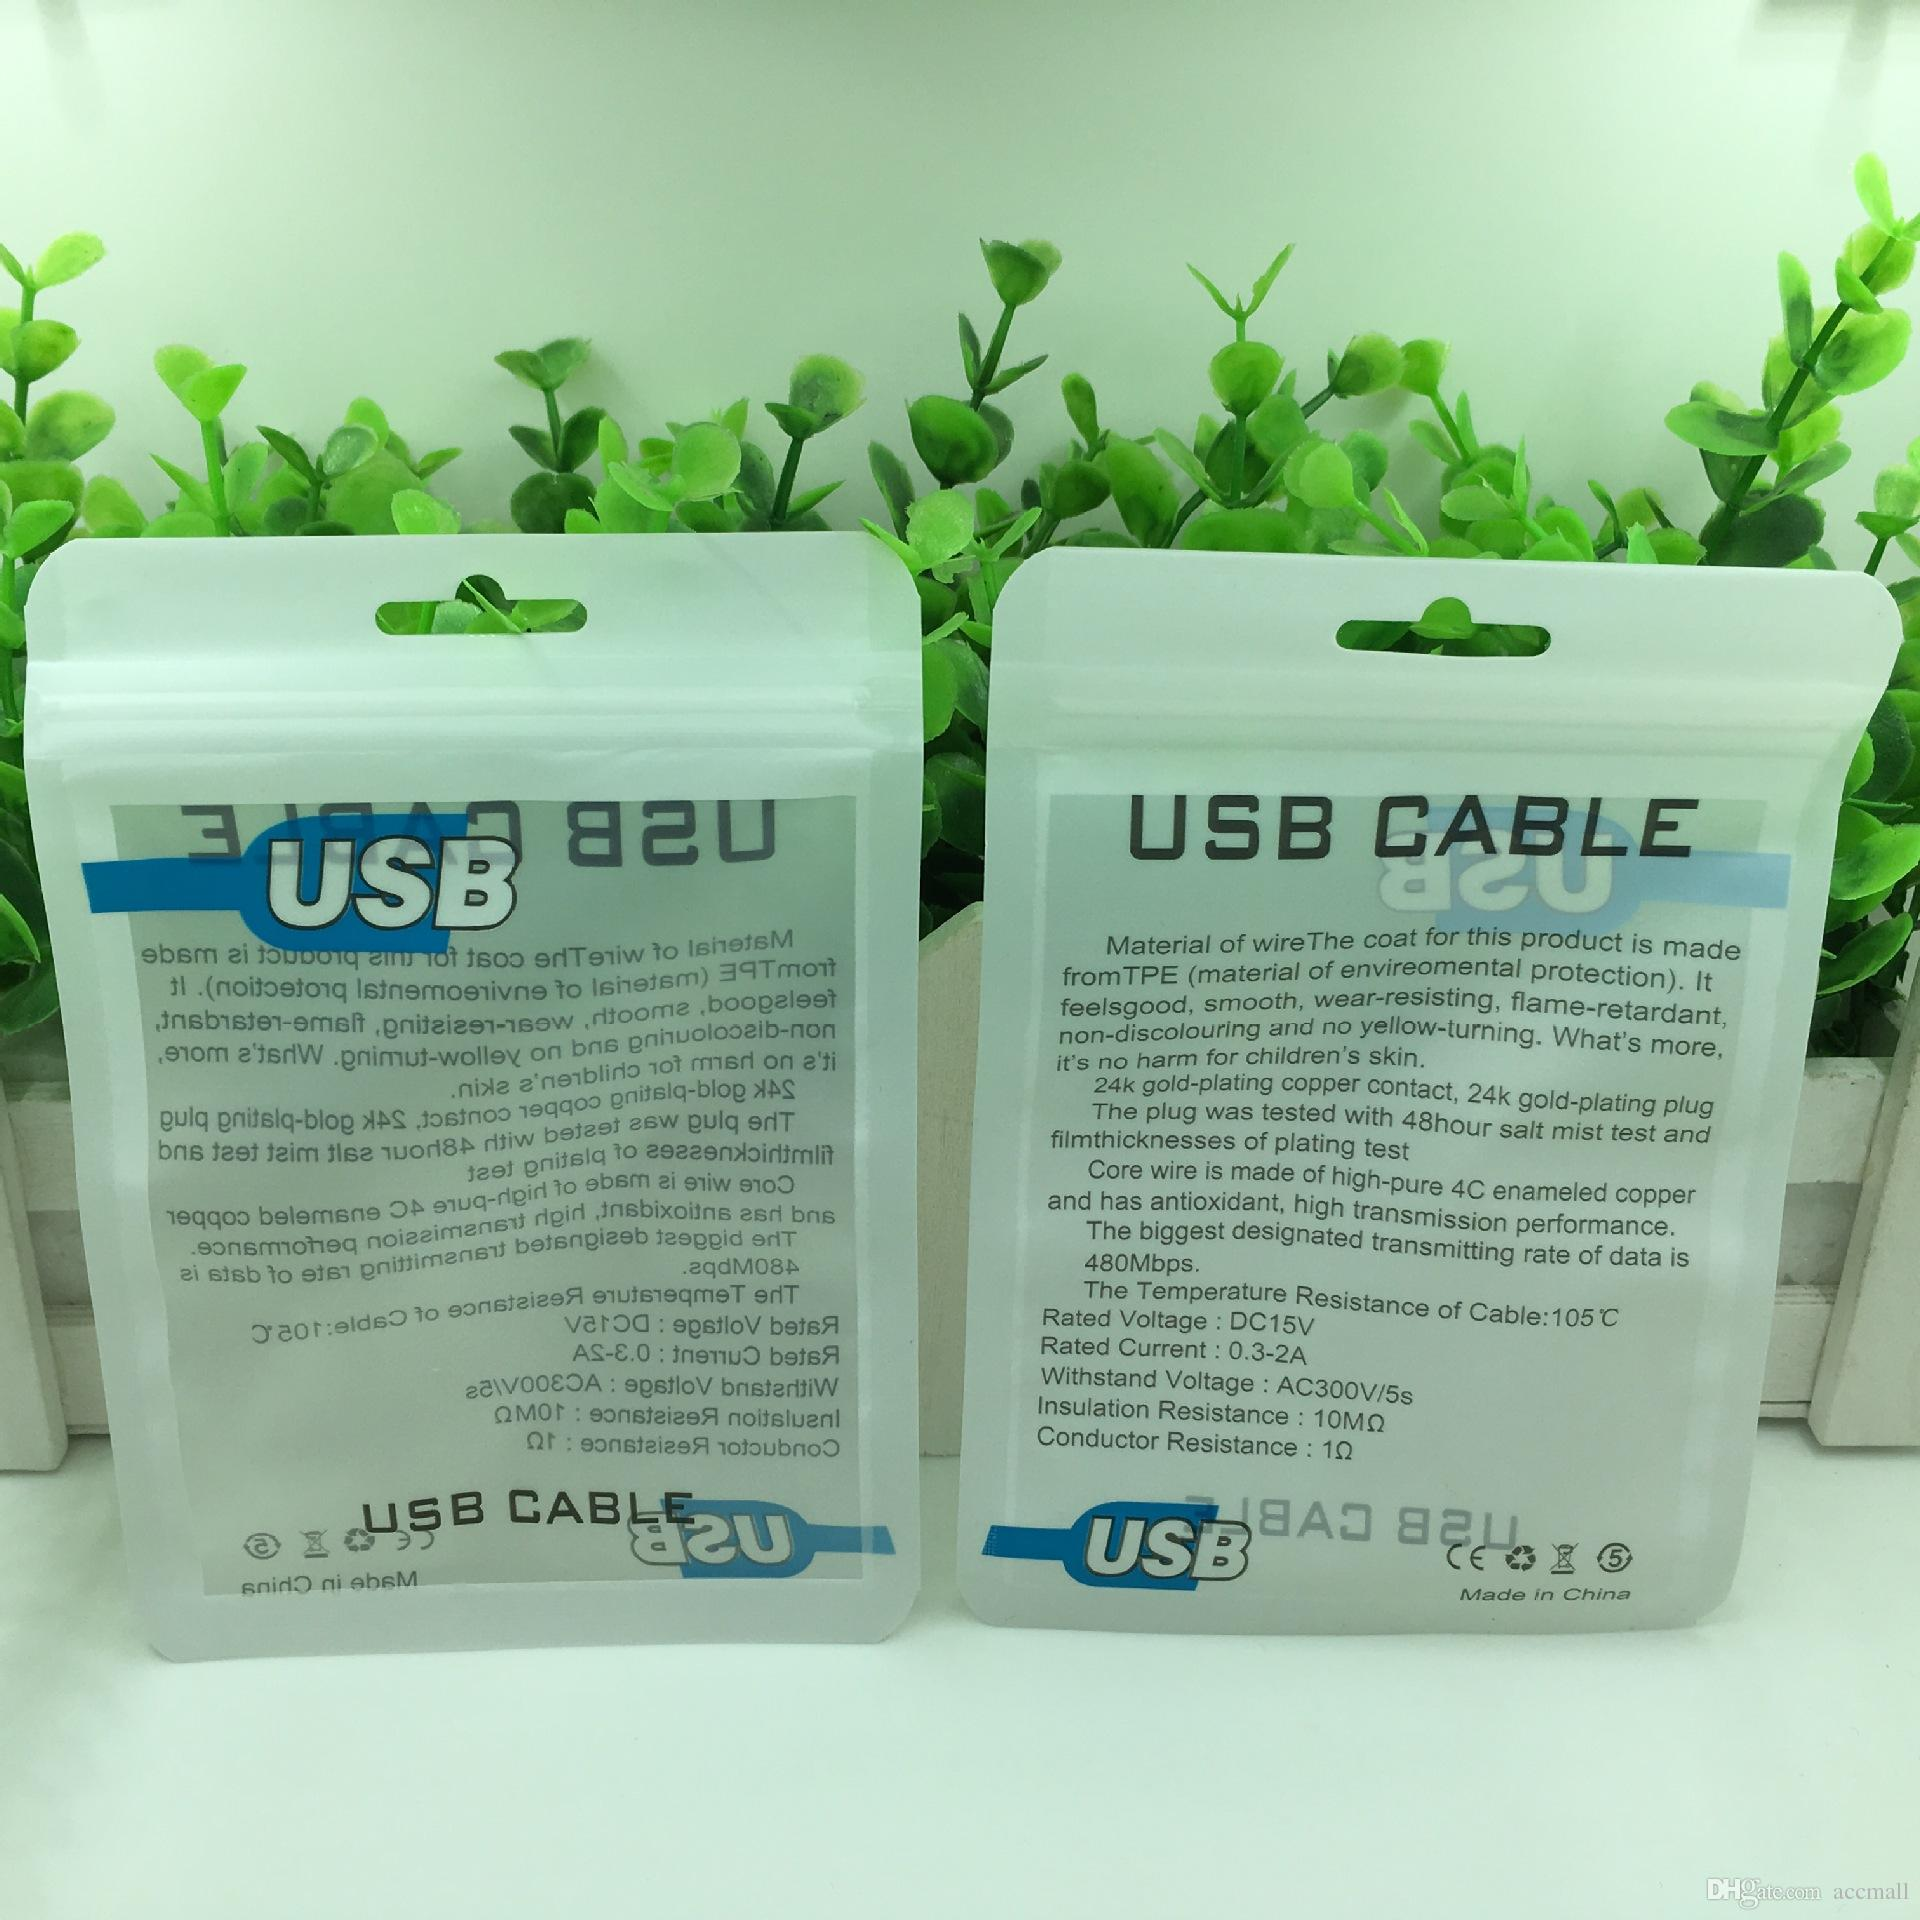 زيبر رزمة PP حقيبة الأبيض / واضح من البلاستيك التجزئة حقائب تغليف للبيانات 10FT USB كيبل شحن السيارات شاحن حائط 10.5 15cm و *